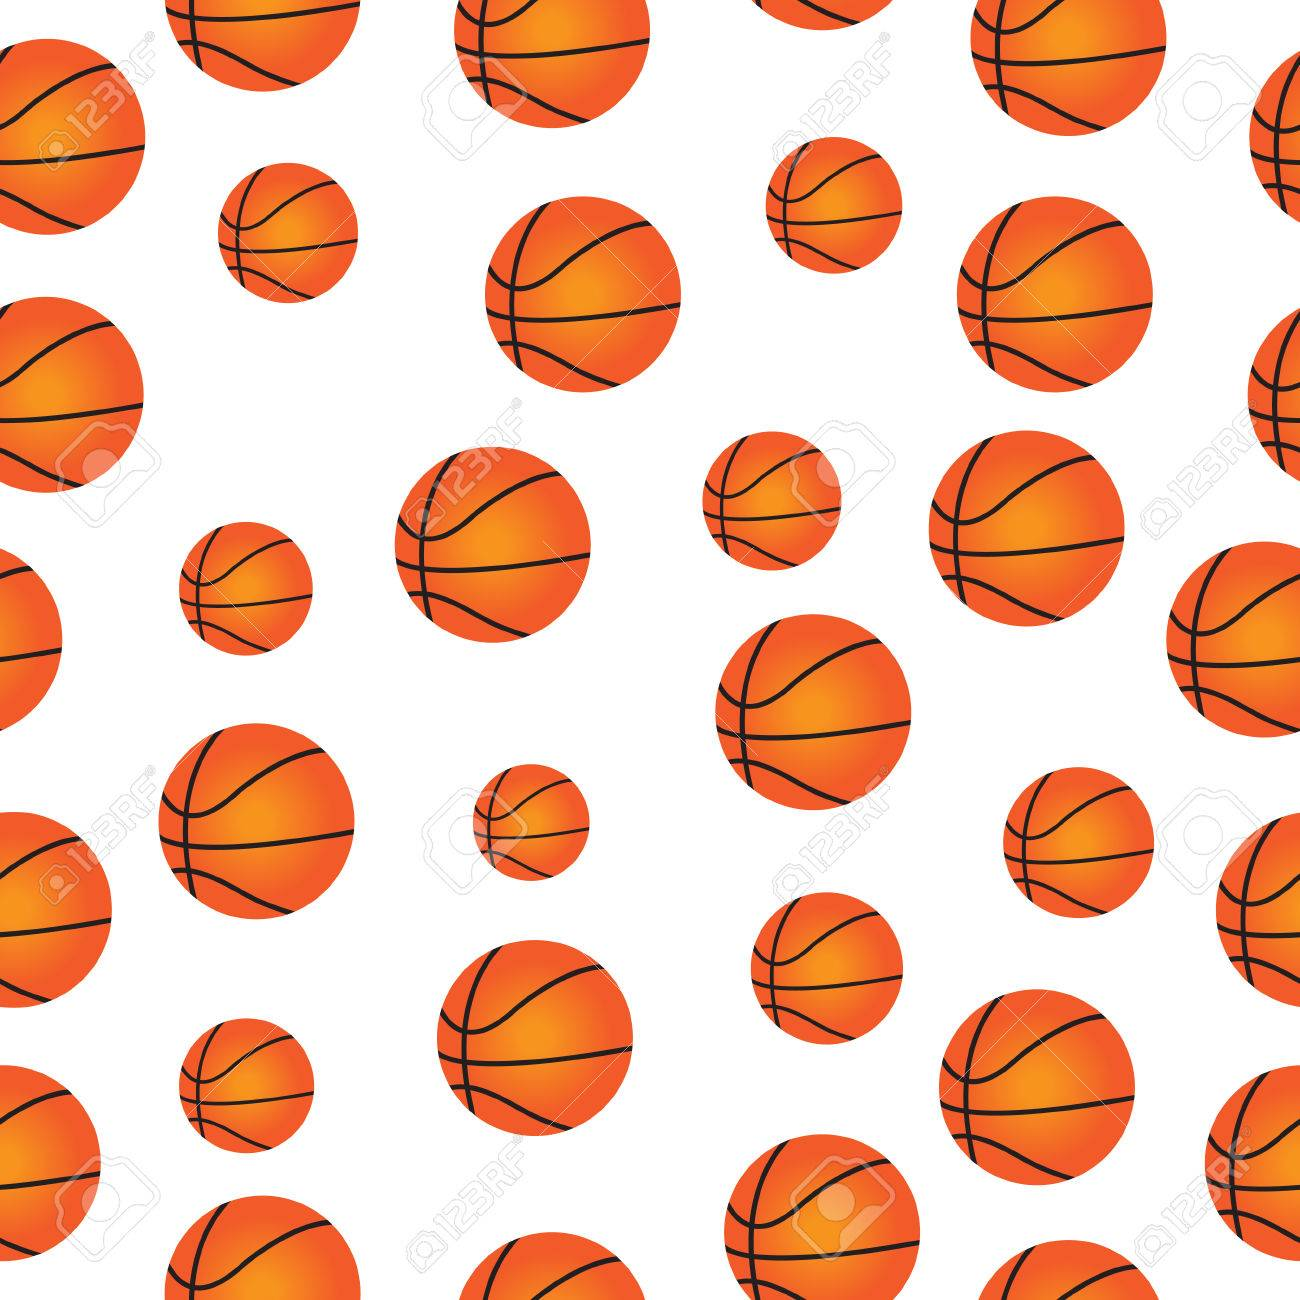 Cute Baby Seamless Texture Basketball Balls Basketball Wallpaper